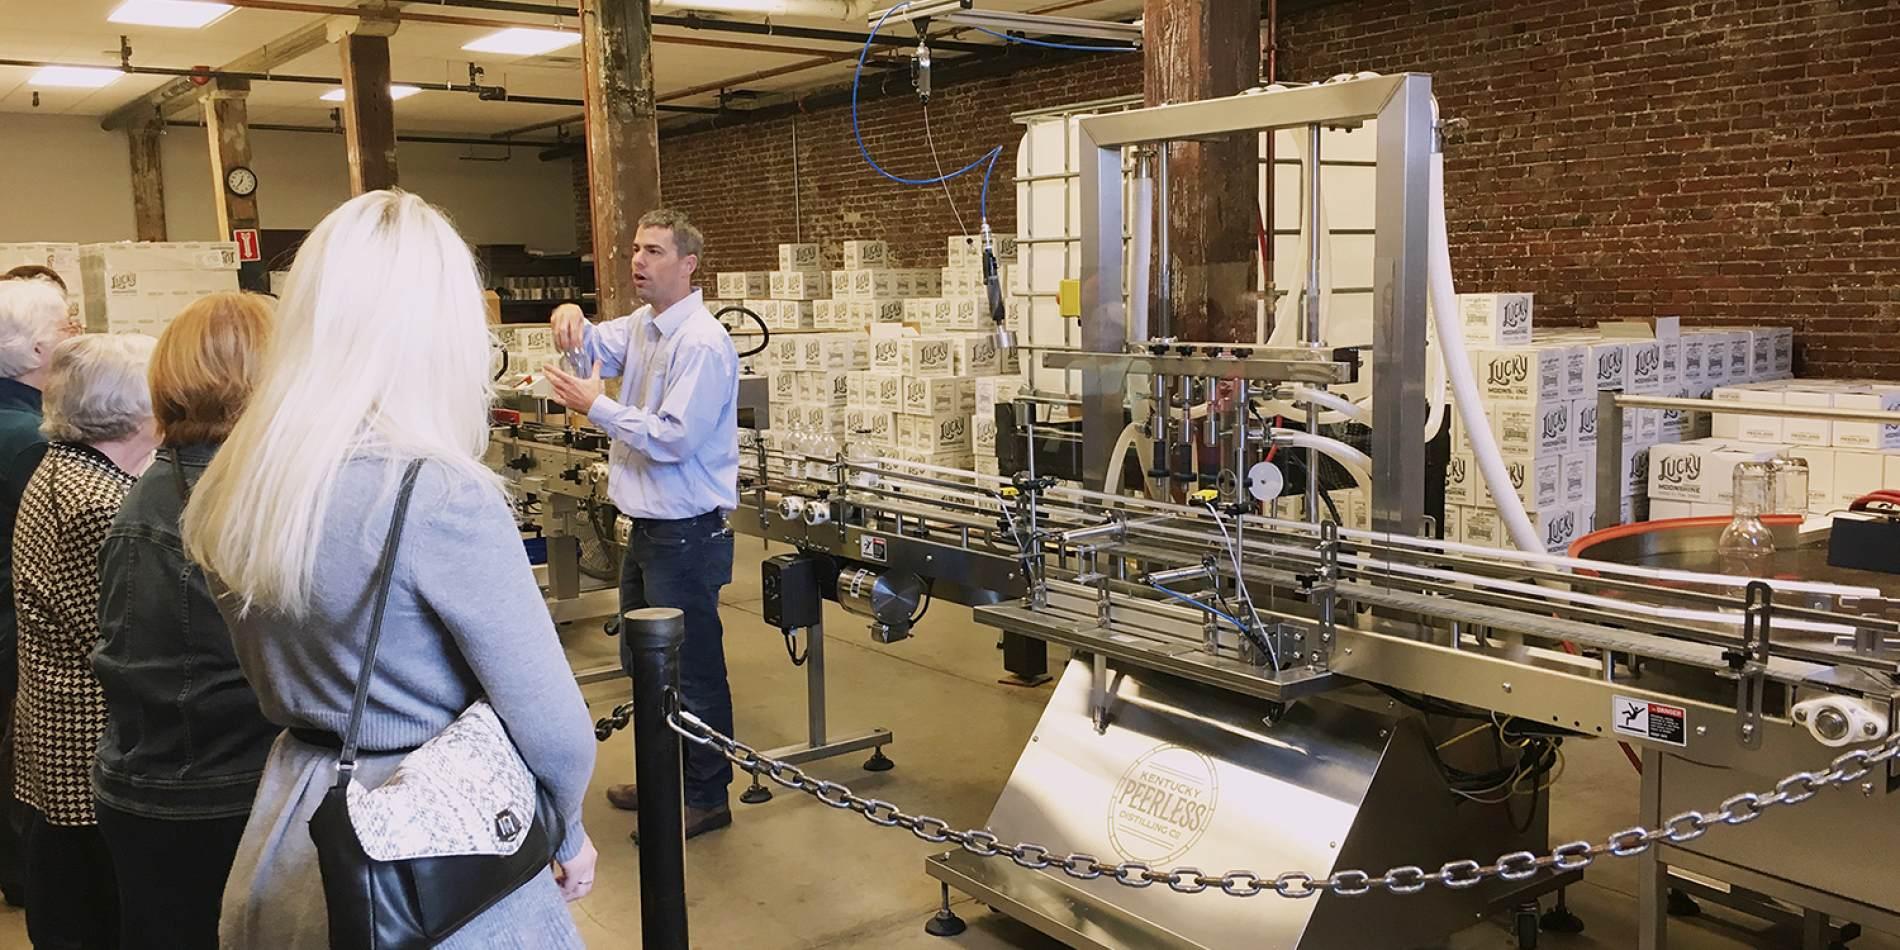 Distilling Co